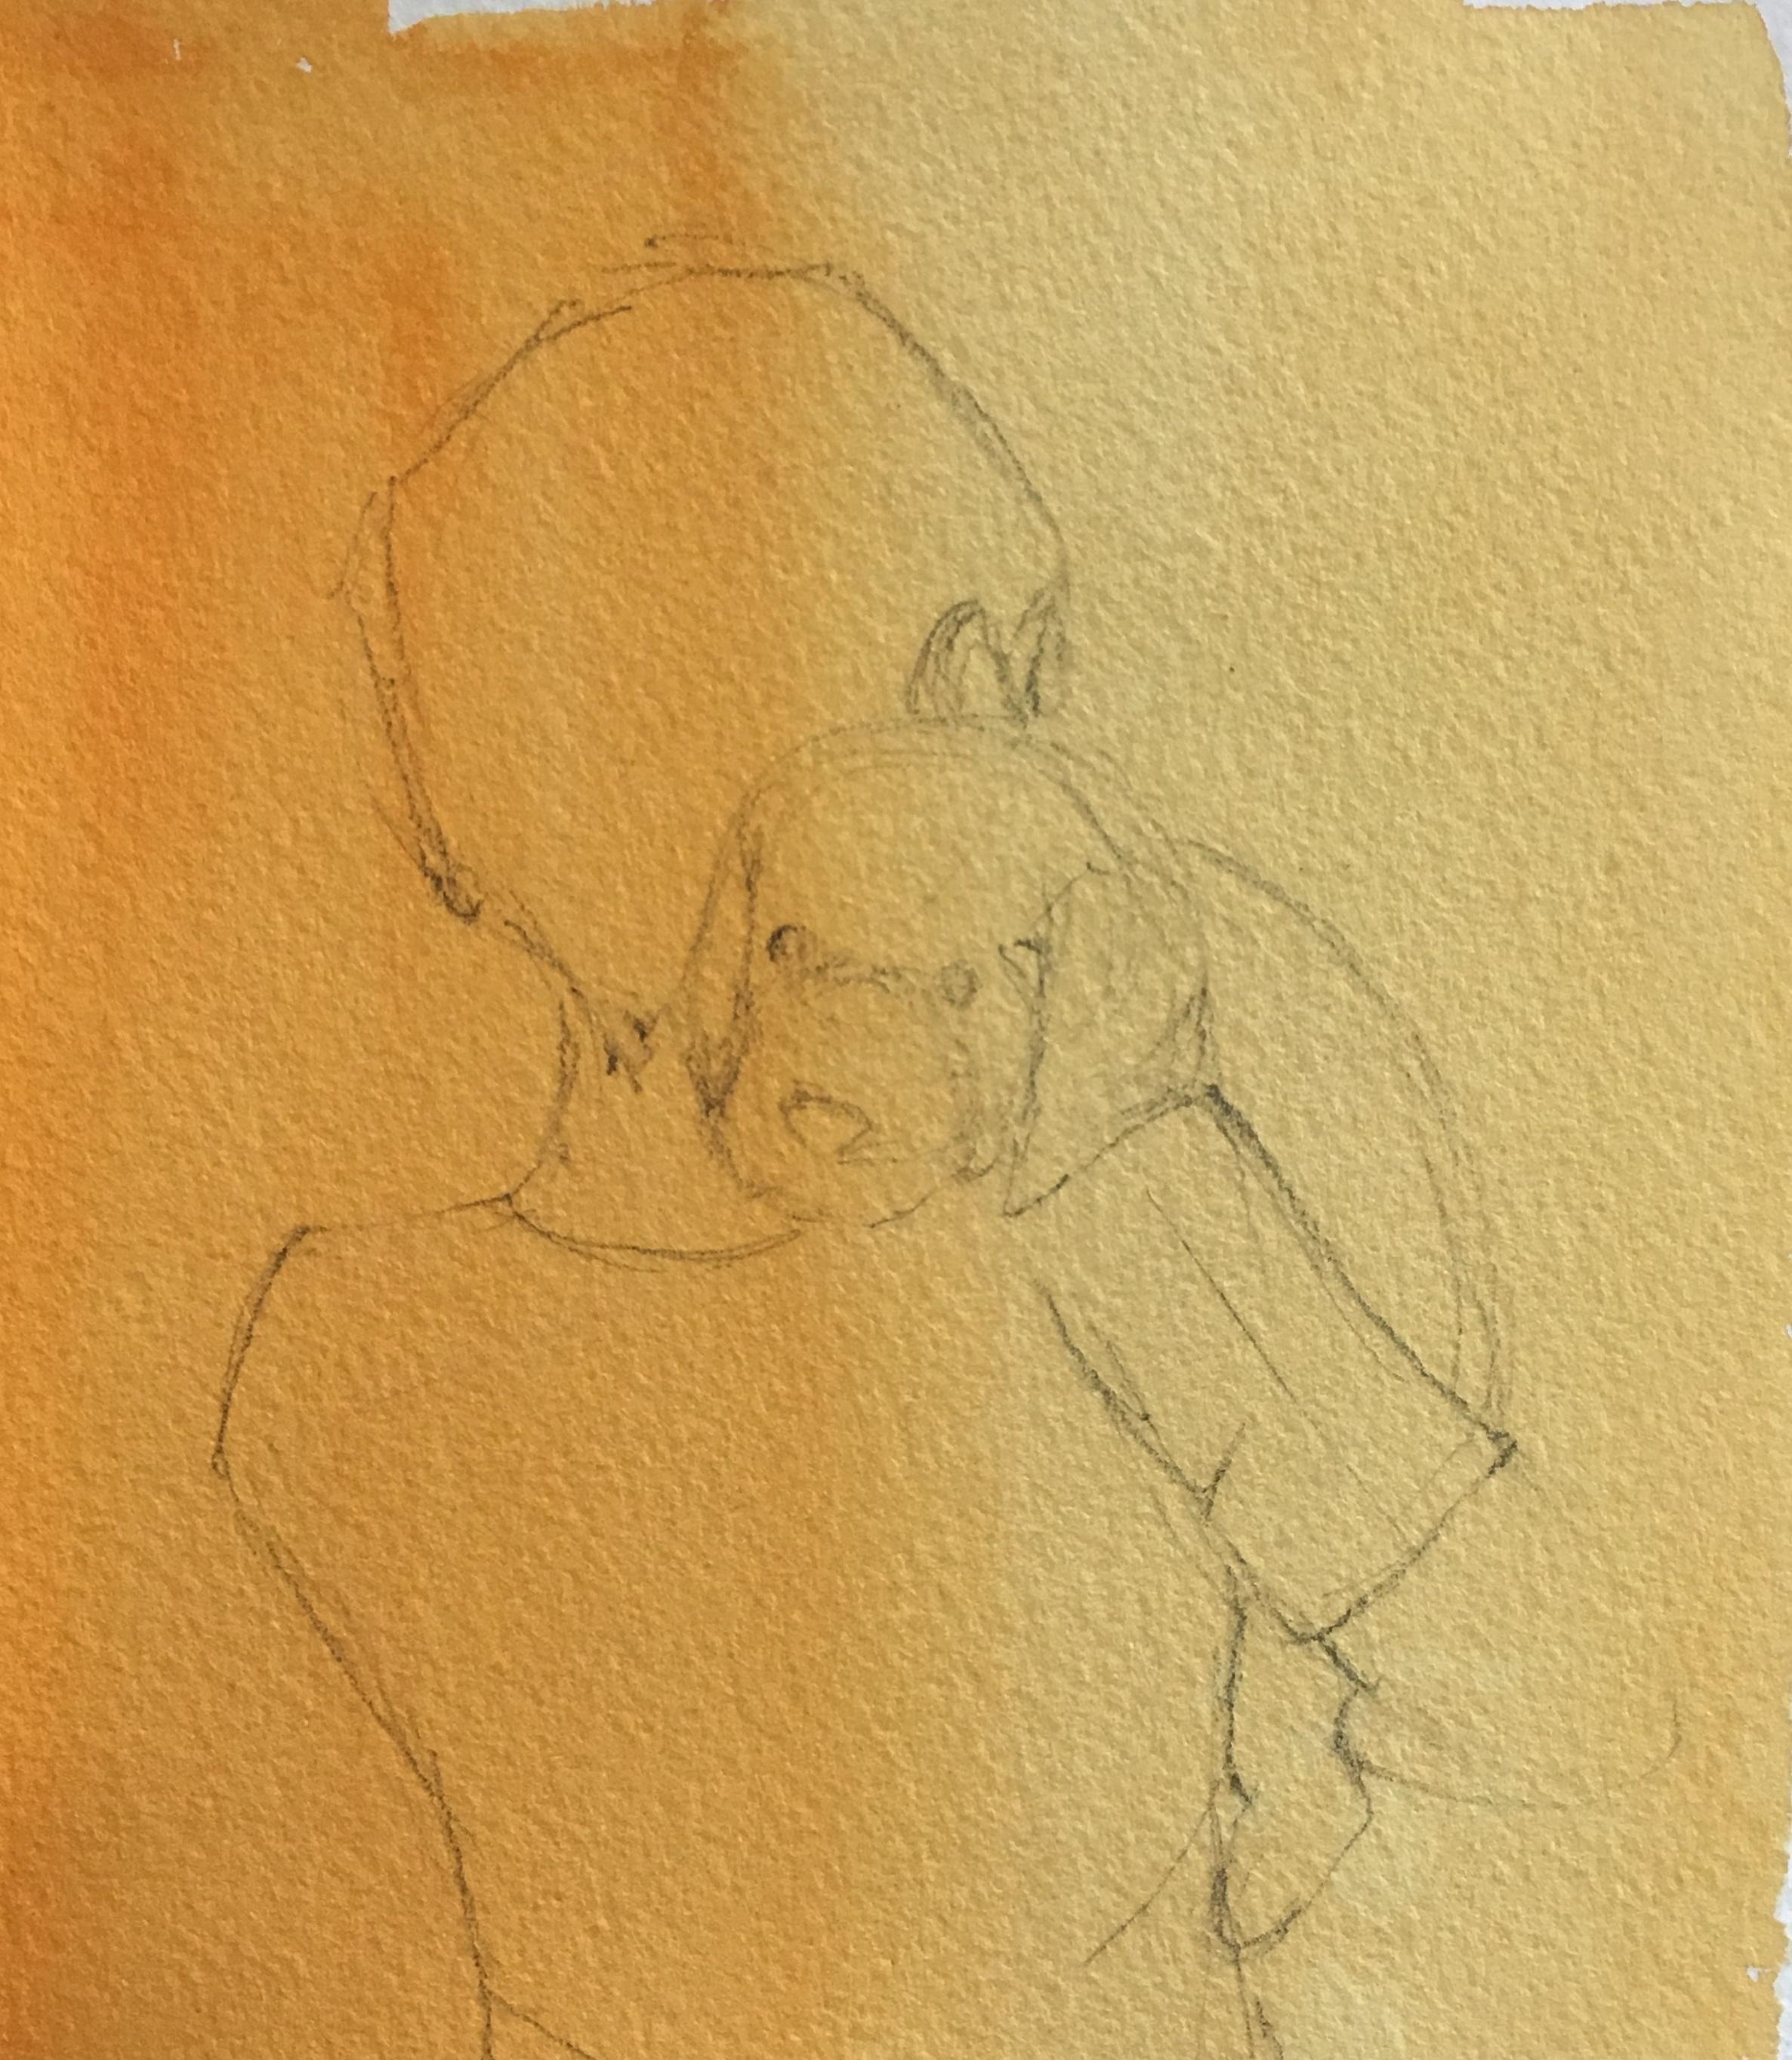 sketching it